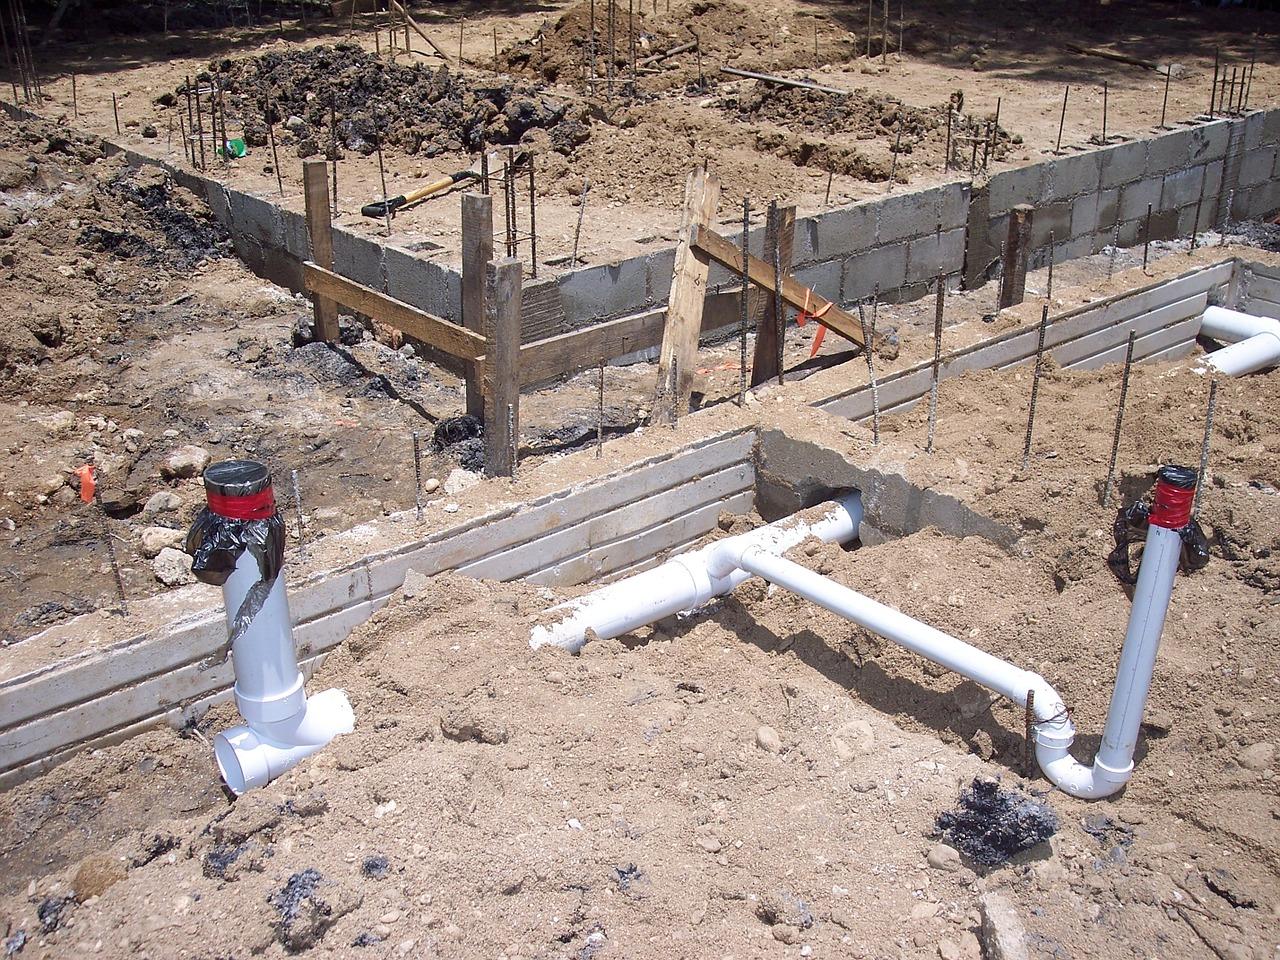 Montana Plumbing Contractors - Professional plumbing services